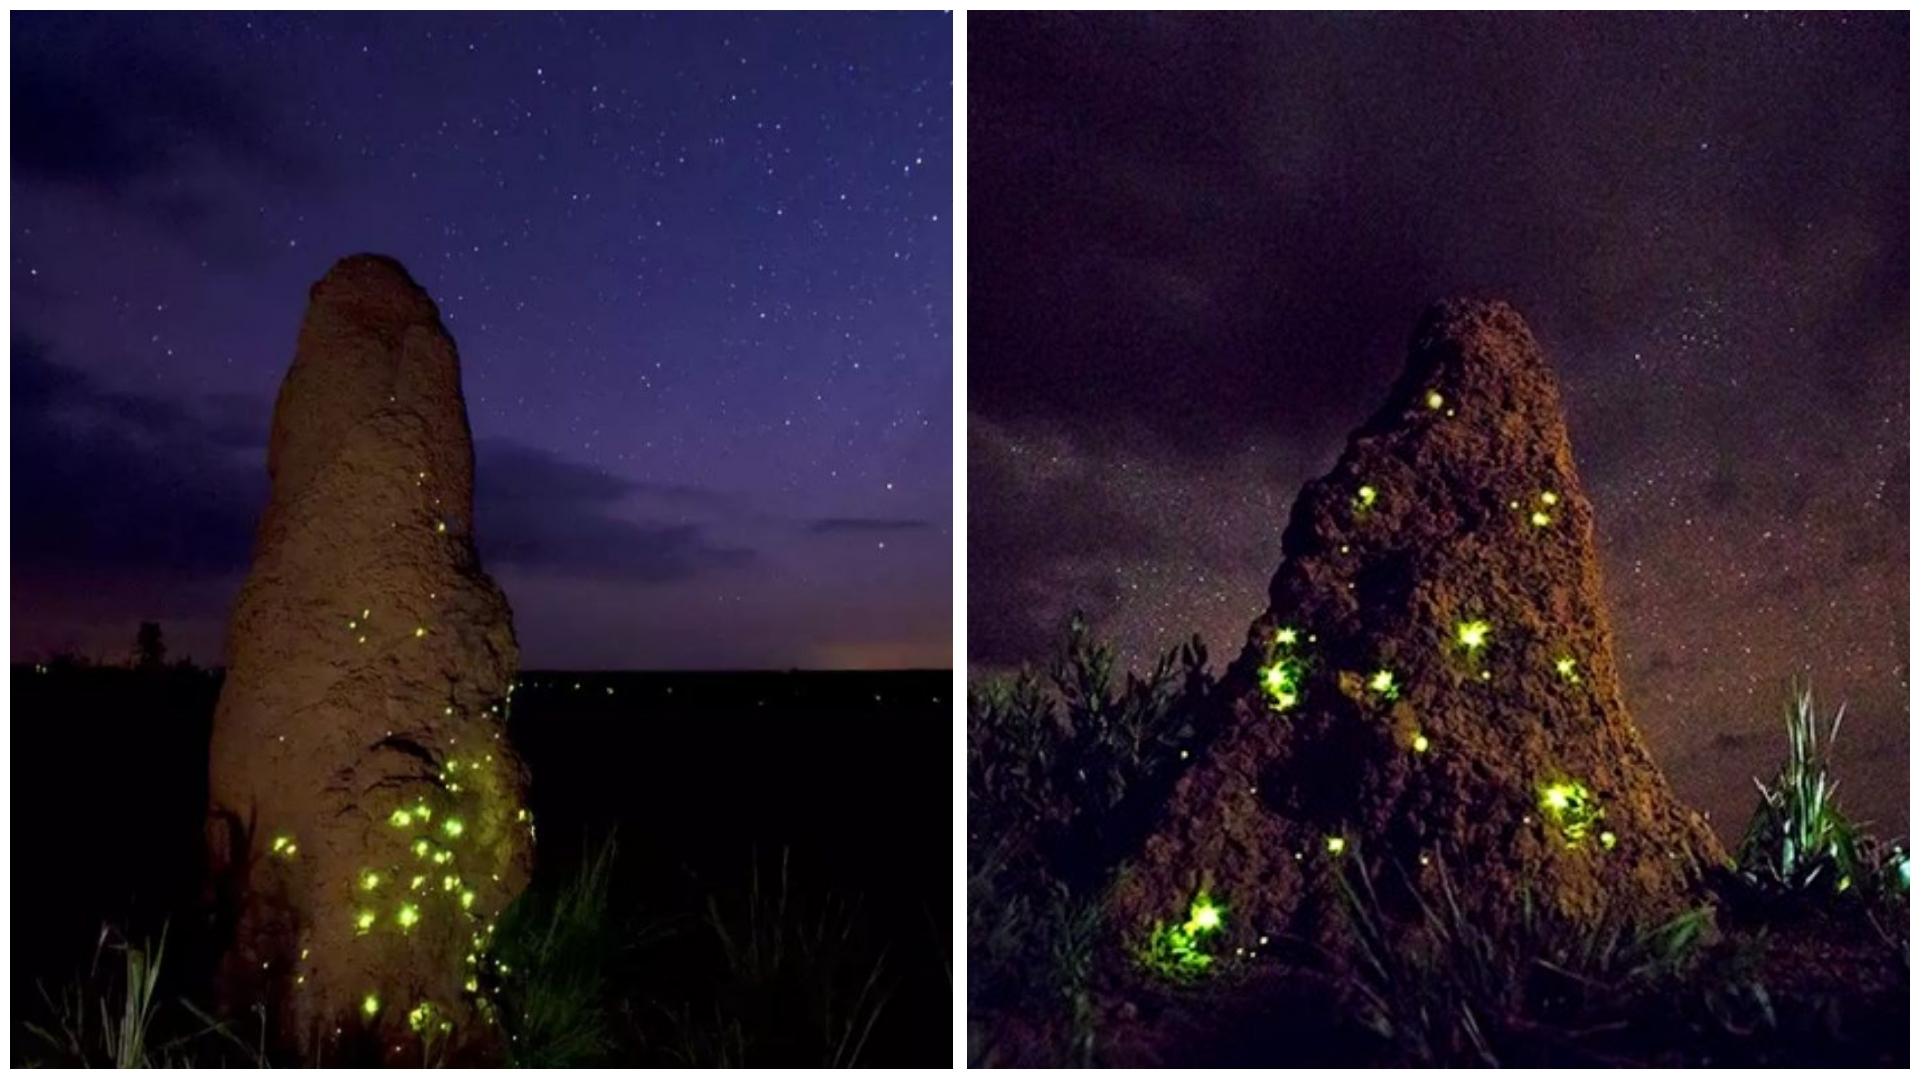 Cupinzeiros iluminados por 'filhotes' de vaga-lumes parecem castelos de fadas